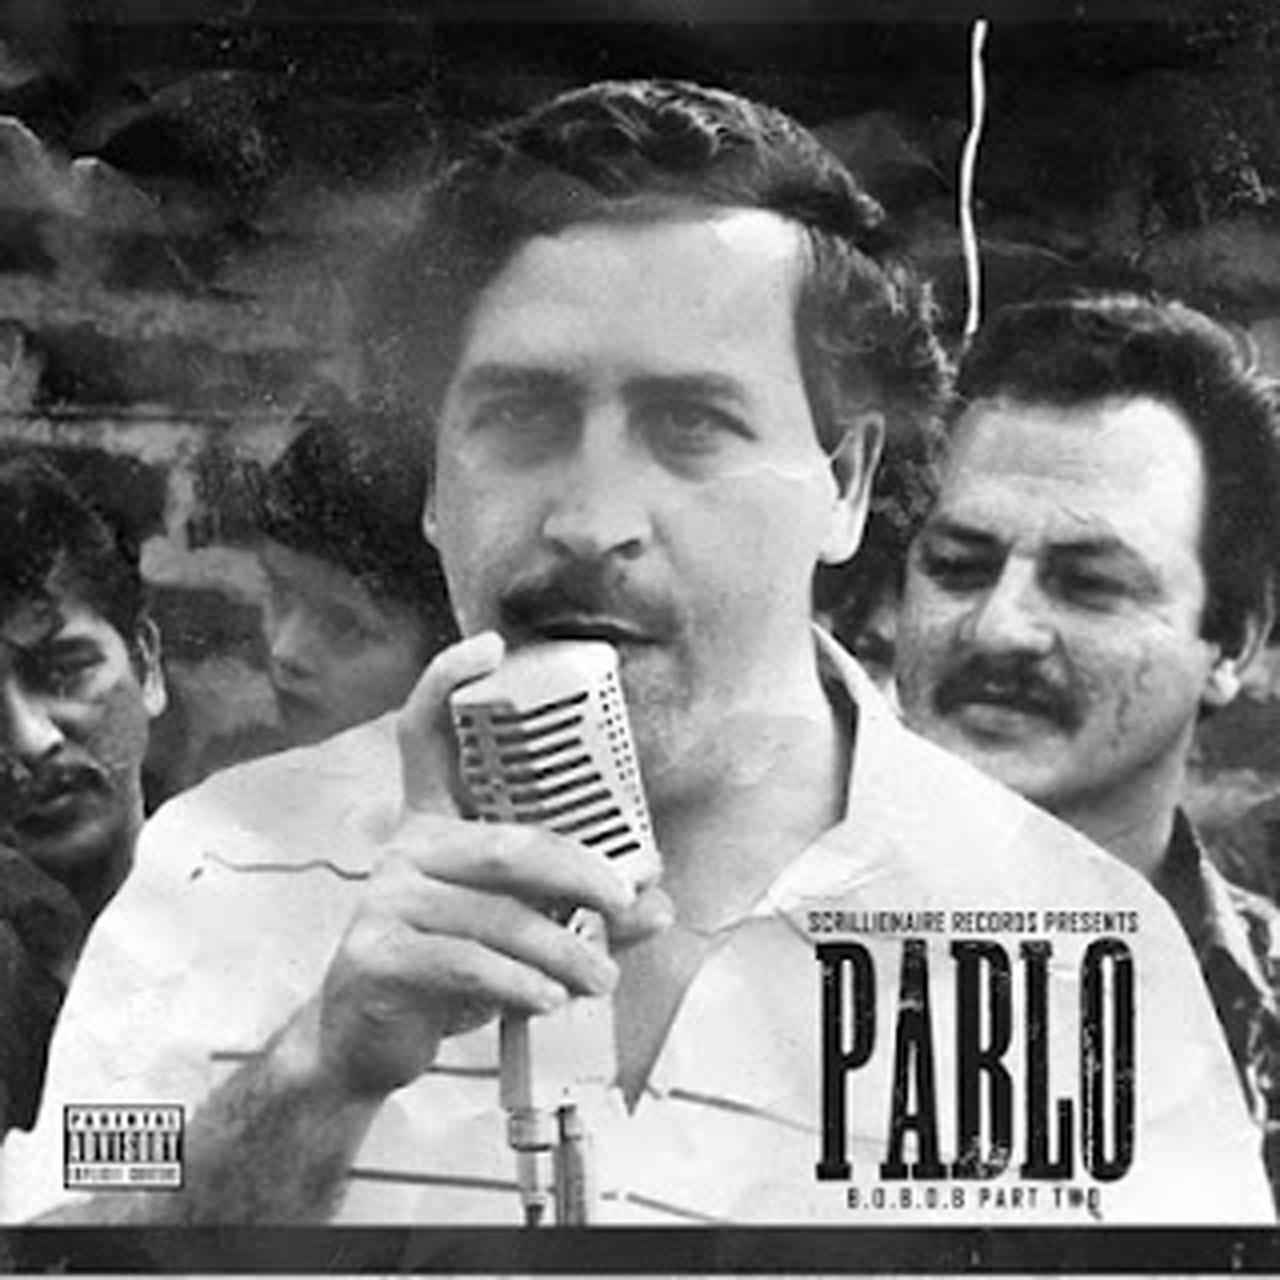 Dellio – Pablo